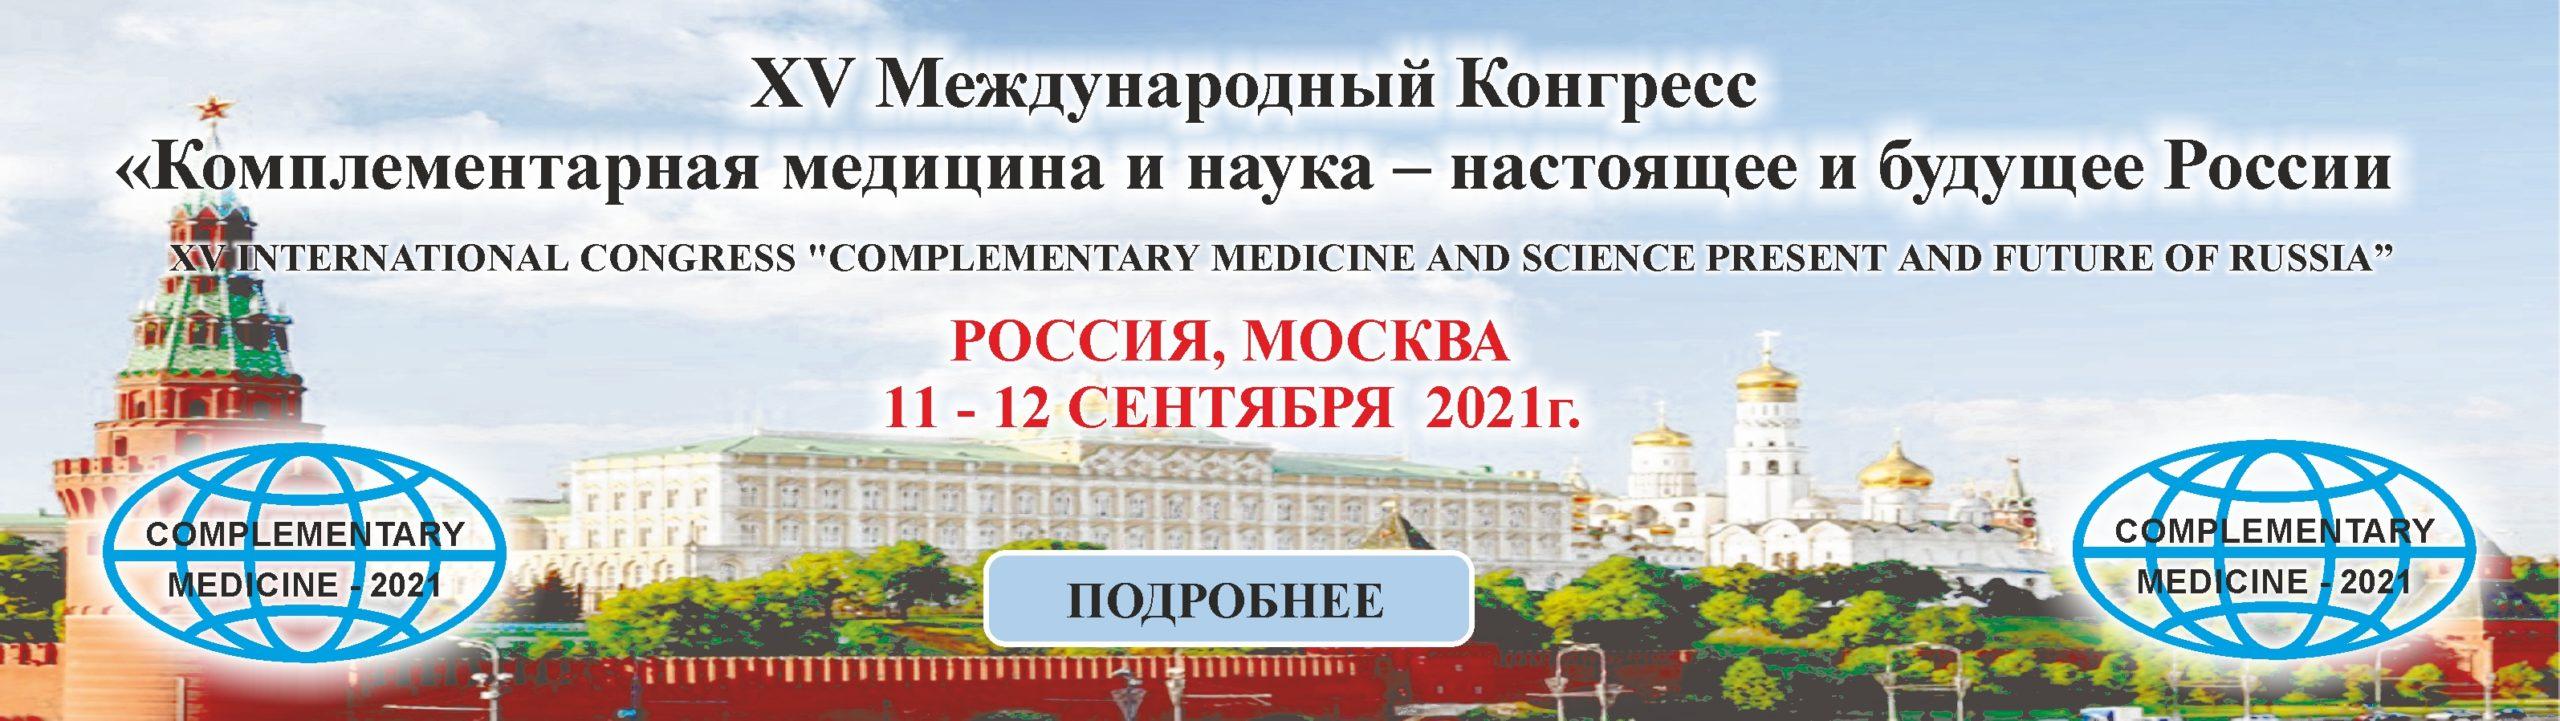 копия ДЛя сайта ЗАГЛАВНАЯ scaled - XVI Международный конгресс «Комплементарная Медицина и наука  –  настоящее и будущее России»